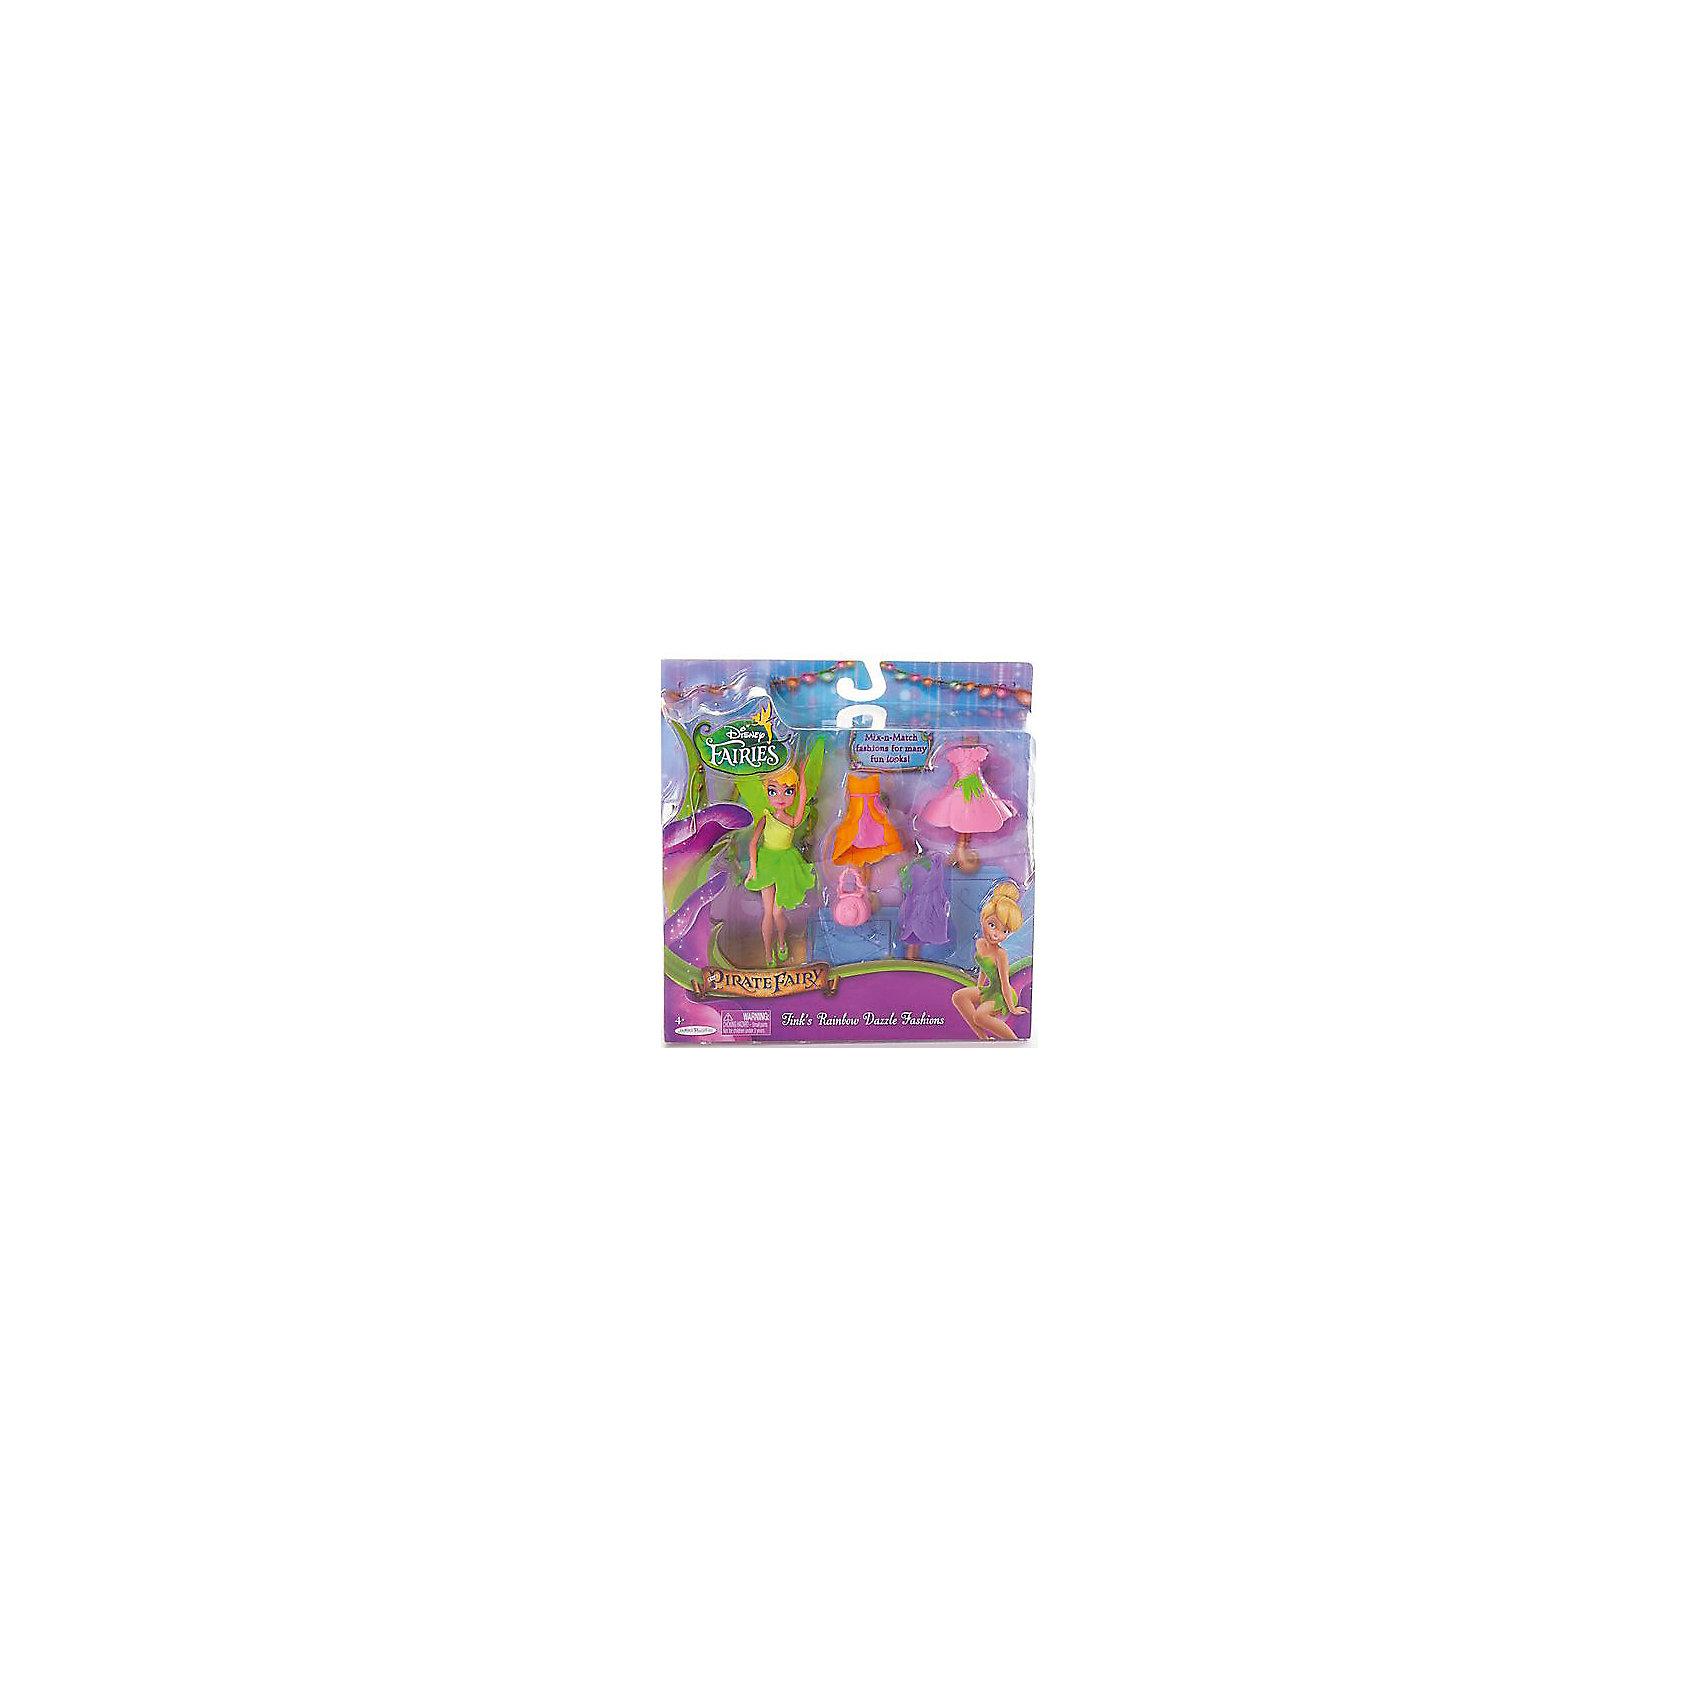 Фея Диснея с 3 платьями, Динь-Динь, 11 смХарактеристики товара:<br><br>- цвет: разноцветный;<br>- материал: пластик;<br>- подвижные части тела;<br>- комплектация: кукла, аксессуары;<br>- размер упаковки: 25х6х25 см.<br>- размер куклы: 11 см.<br><br>Эти симпатичные куклы в виде фей из диснеевского мультфильма «Тайны зимнего леса» от известного бренда не оставят девочку равнодушной! Какая девочка сможет отказаться поиграть с куклами, которых можно переодевать благодаря набору аксессуаров?! В комплект входят наряды и аксессуары. Игрушка очень качественно выполнена, поэтому она станет замечательным подарком ребенку. <br>Продается набор в красивой удобной упаковке. Изделие произведено из высококачественного материала, безопасного для детей.<br><br>Мини-куклу Фея, с 3 платьями, салатовая, Феи Дисней, можно купить в нашем интернет-магазине.<br><br>Ширина мм: 205<br>Глубина мм: 205<br>Высота мм: 50<br>Вес г: 177<br>Возраст от месяцев: 36<br>Возраст до месяцев: 2147483647<br>Пол: Женский<br>Возраст: Детский<br>SKU: 5140246